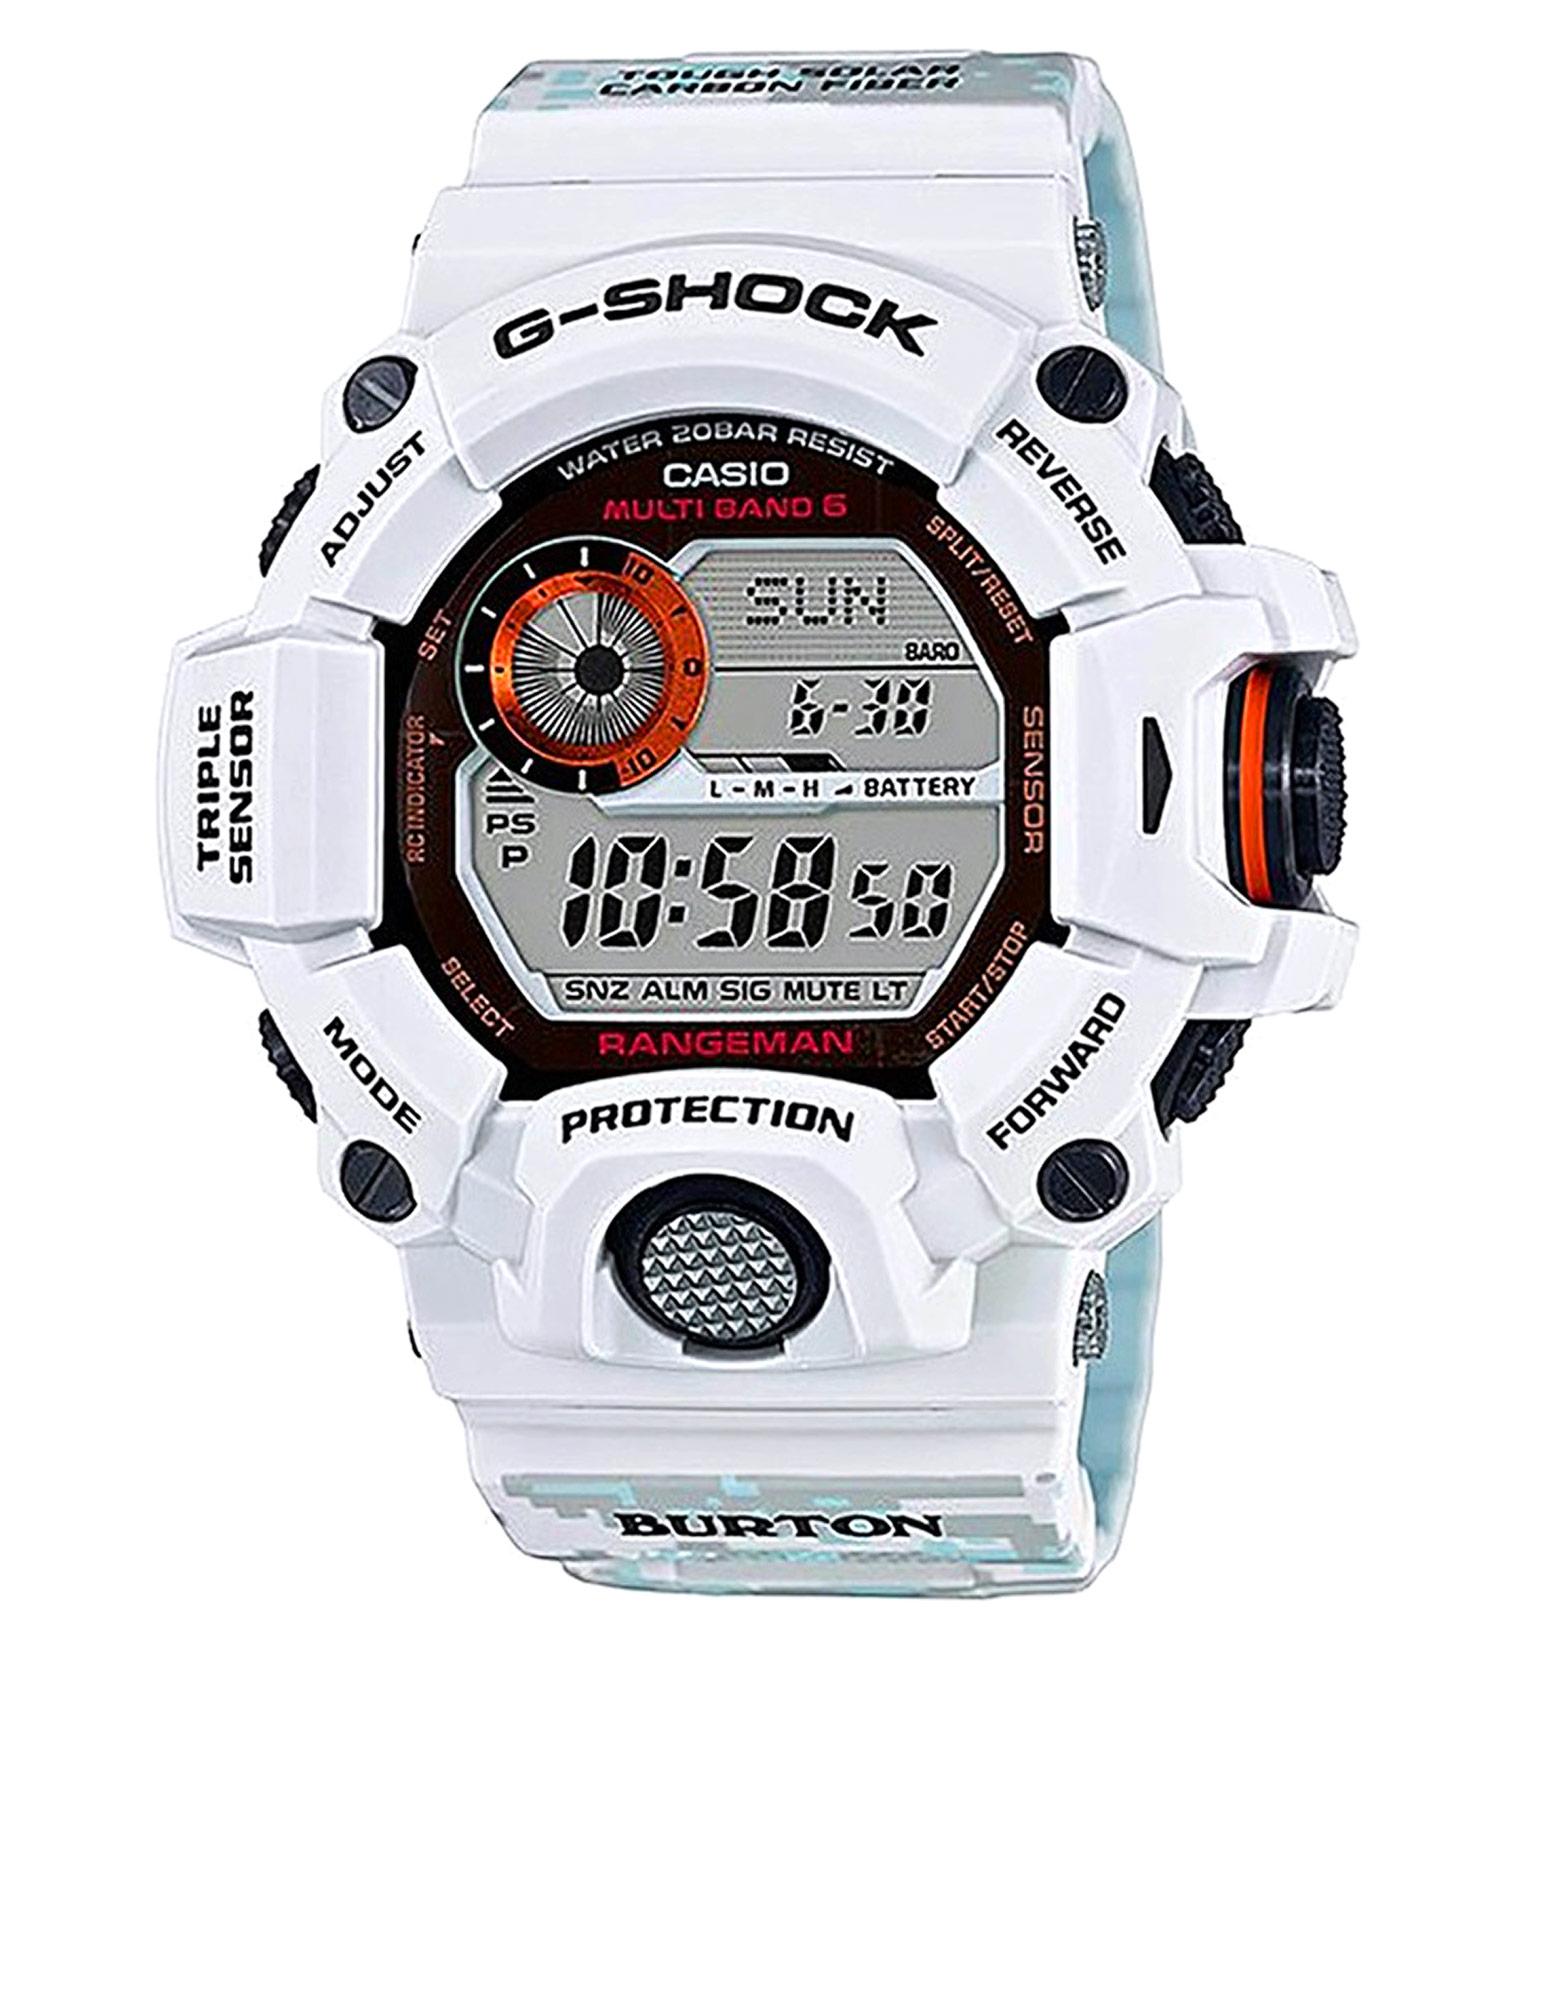 Casio GW-9400BTJ-8DR G-Shock Analog Watch